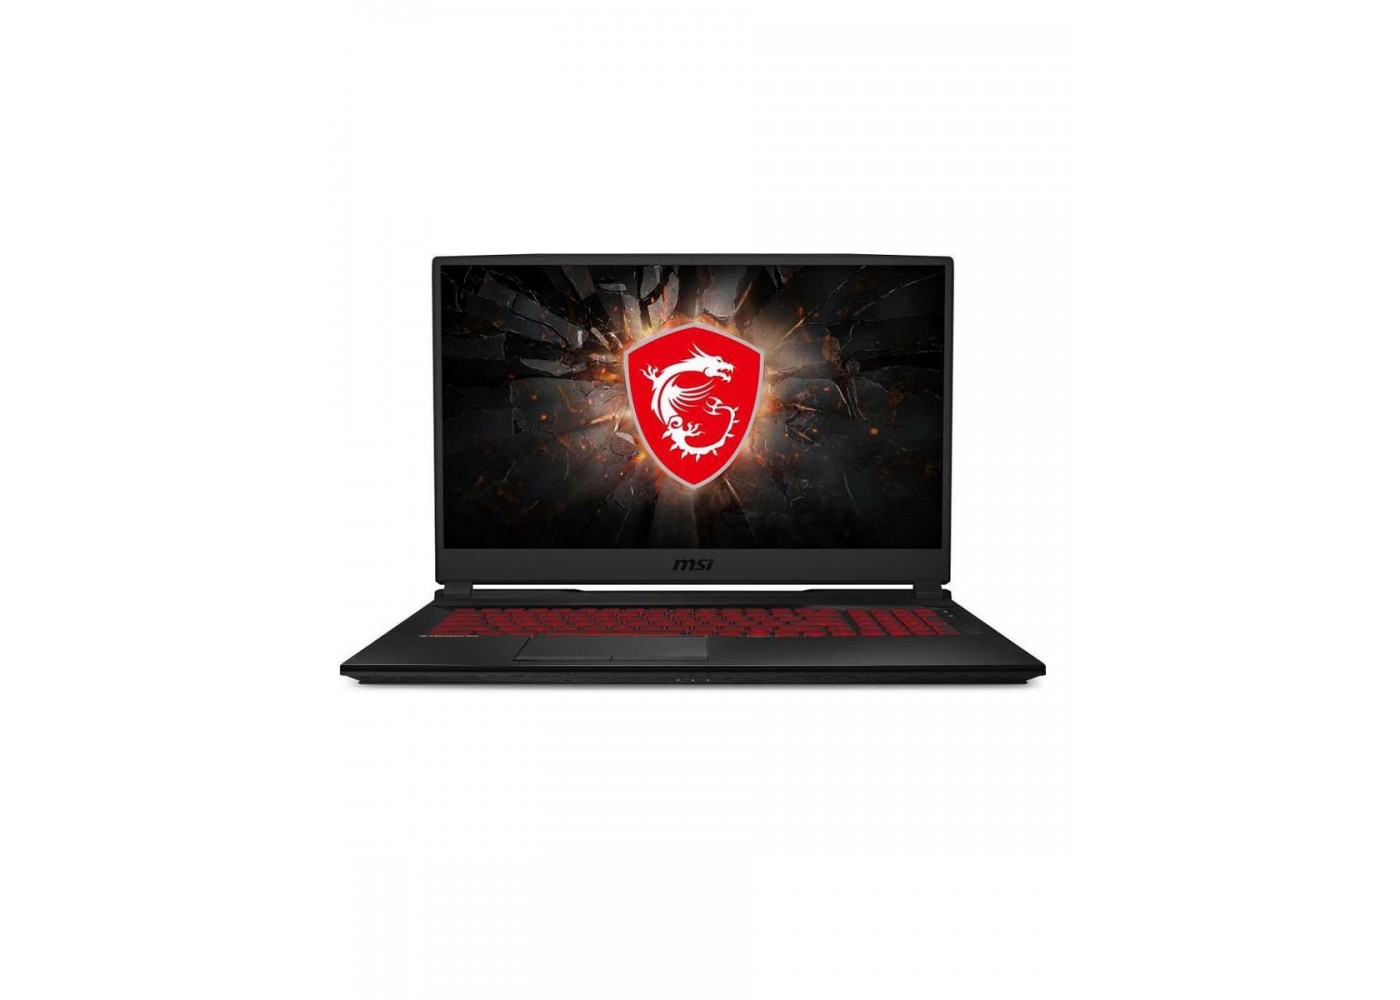 Ноутбук GL75 Leopard 10SCXR-024XRU Intel Core i5-10300H/8Gb/1Tb/17.3